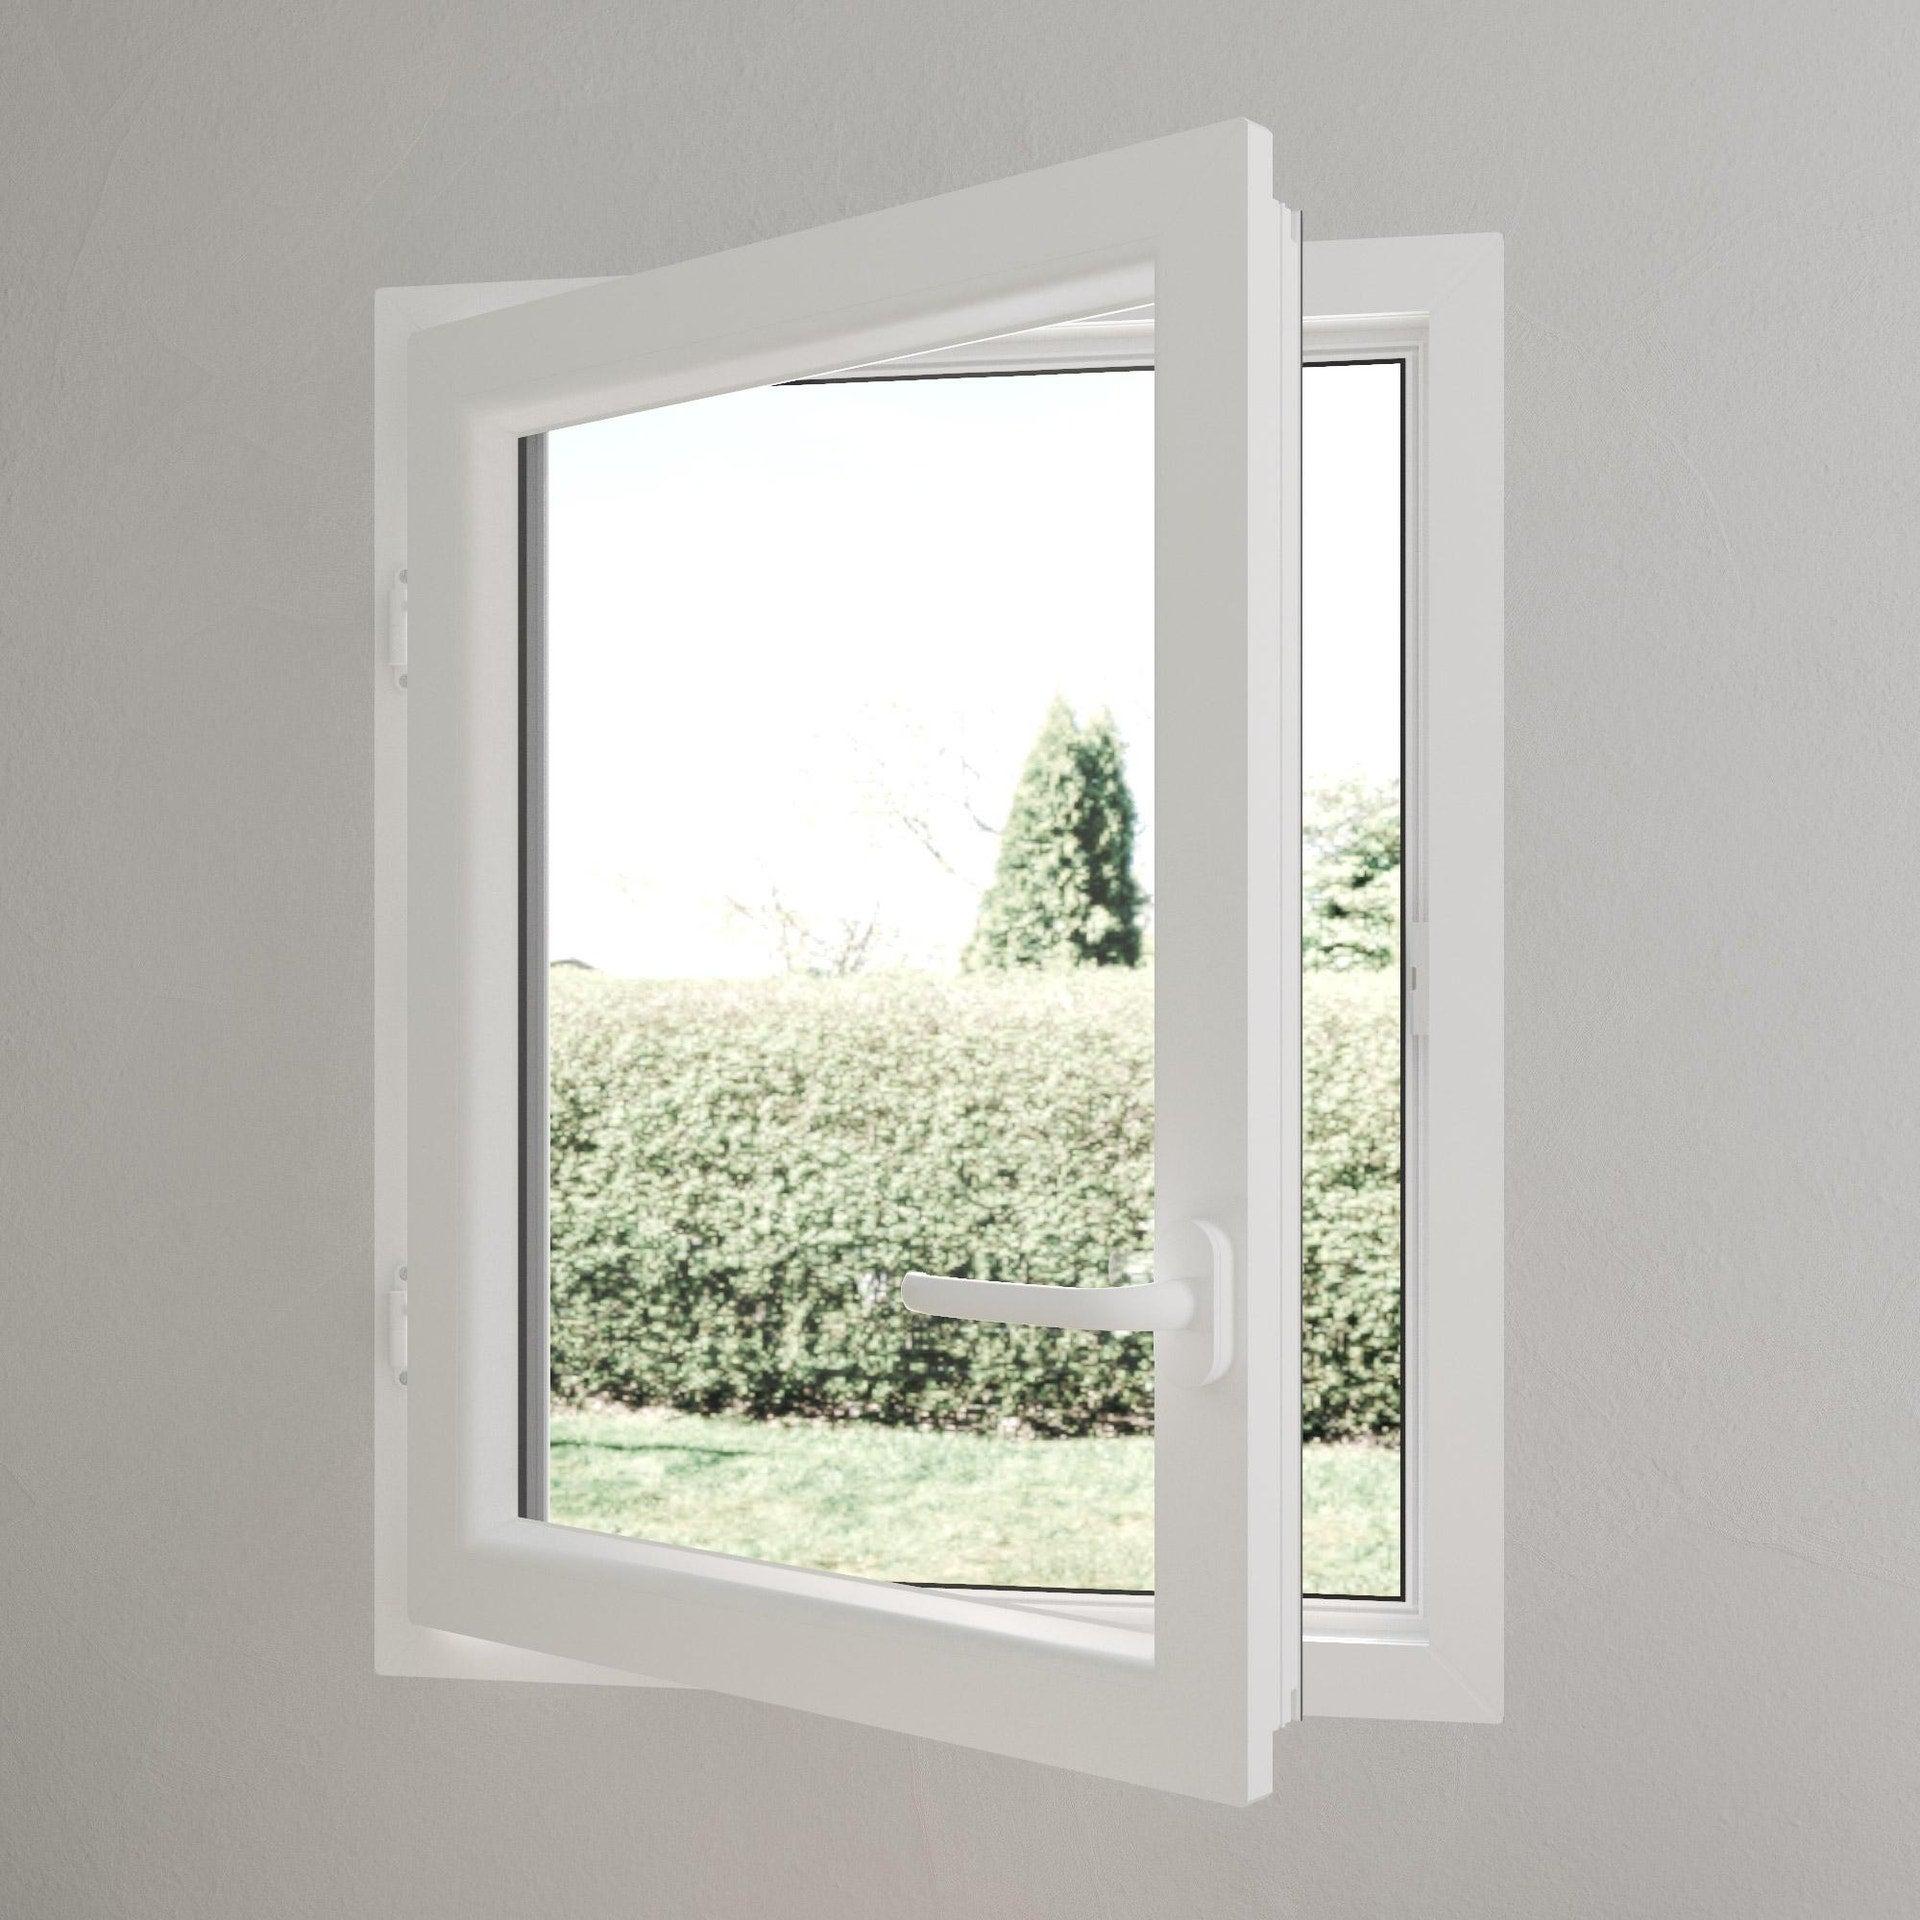 fenêtre pvc h75 x l40 cm gris anthracite  blanc 1